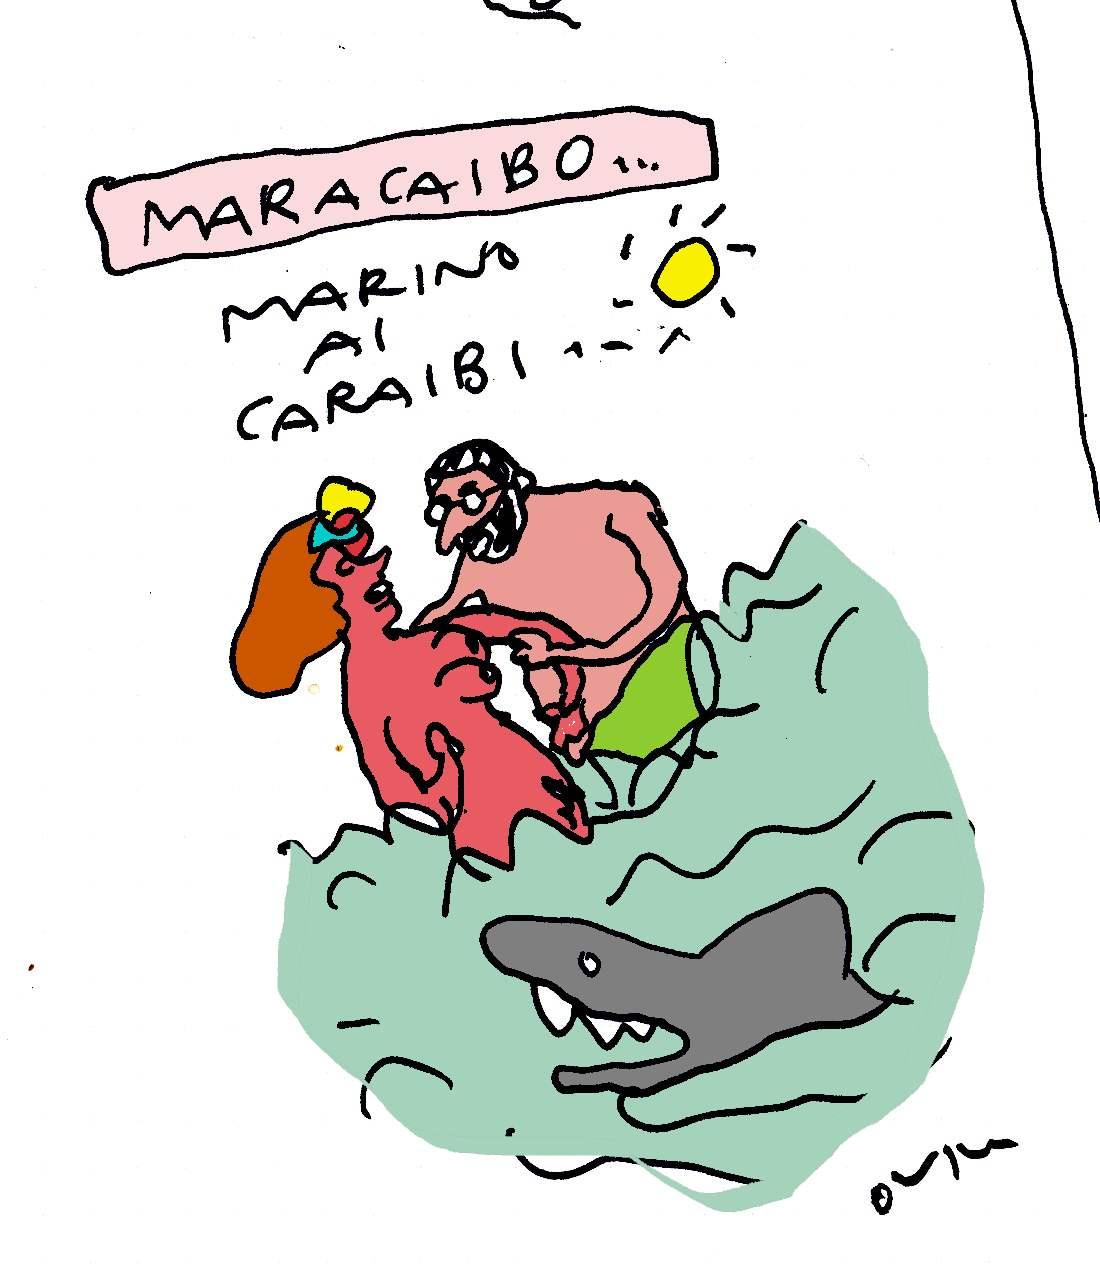 maracaiboK